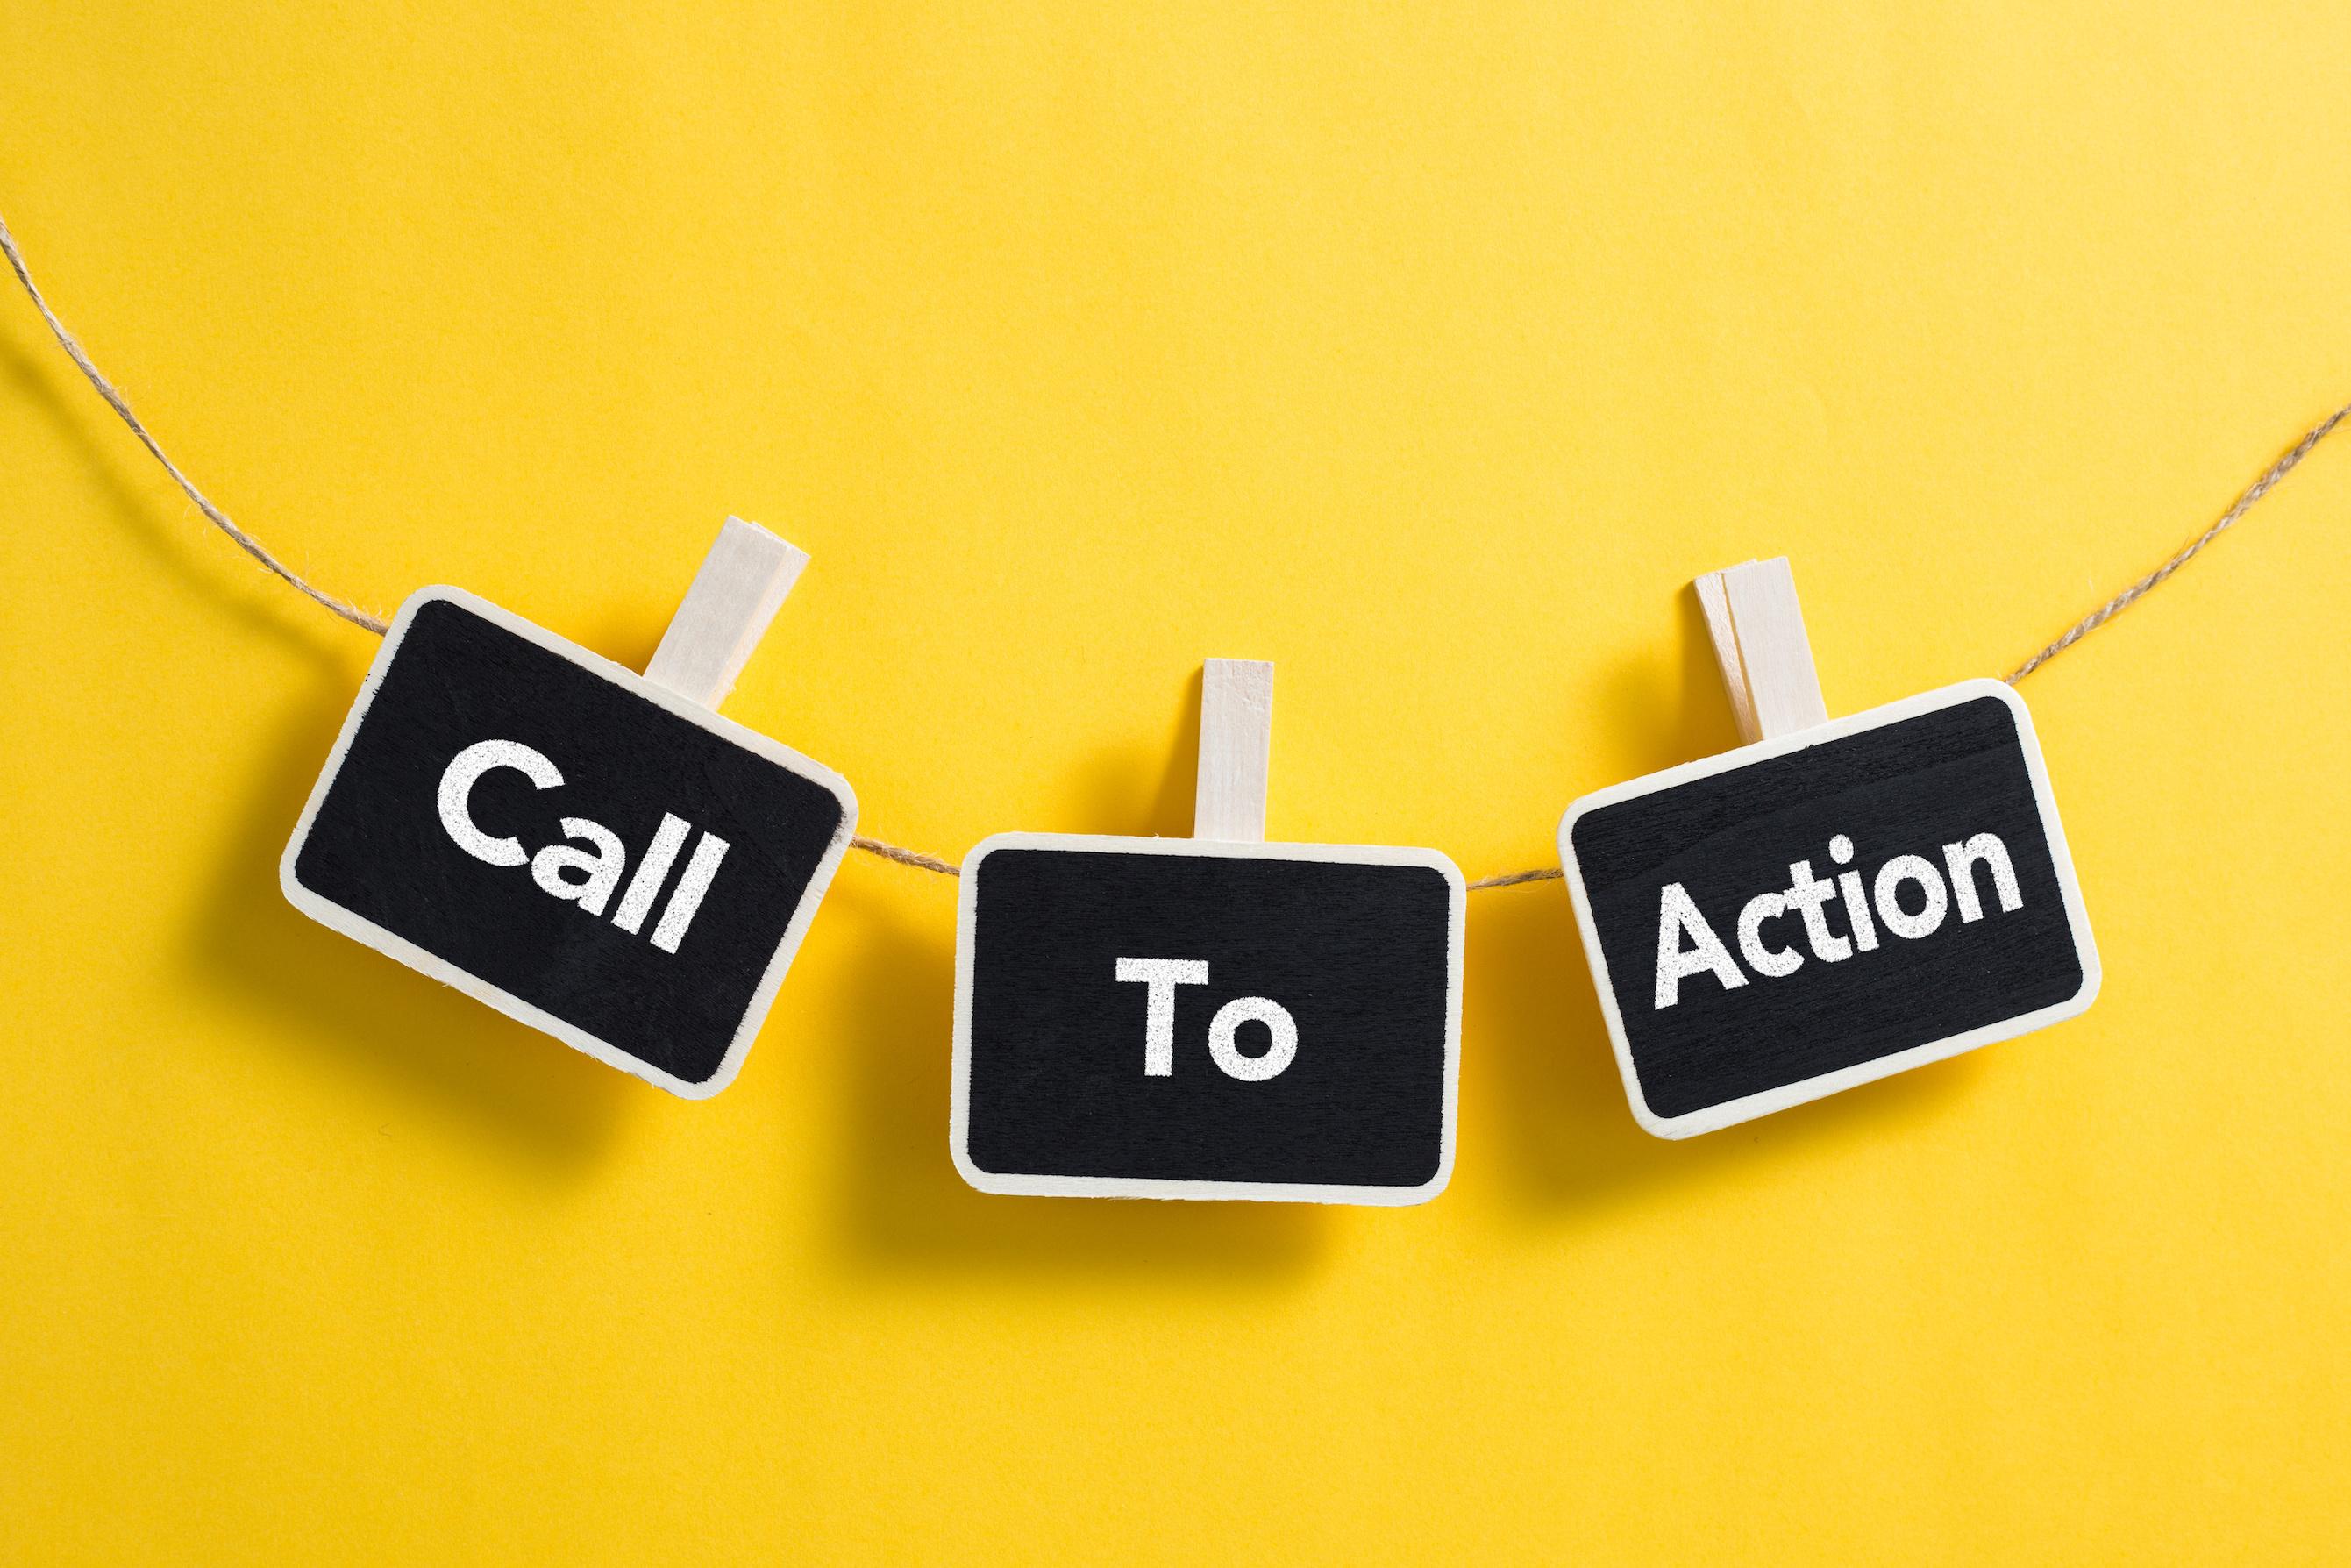 call to actionと書かれたメモ